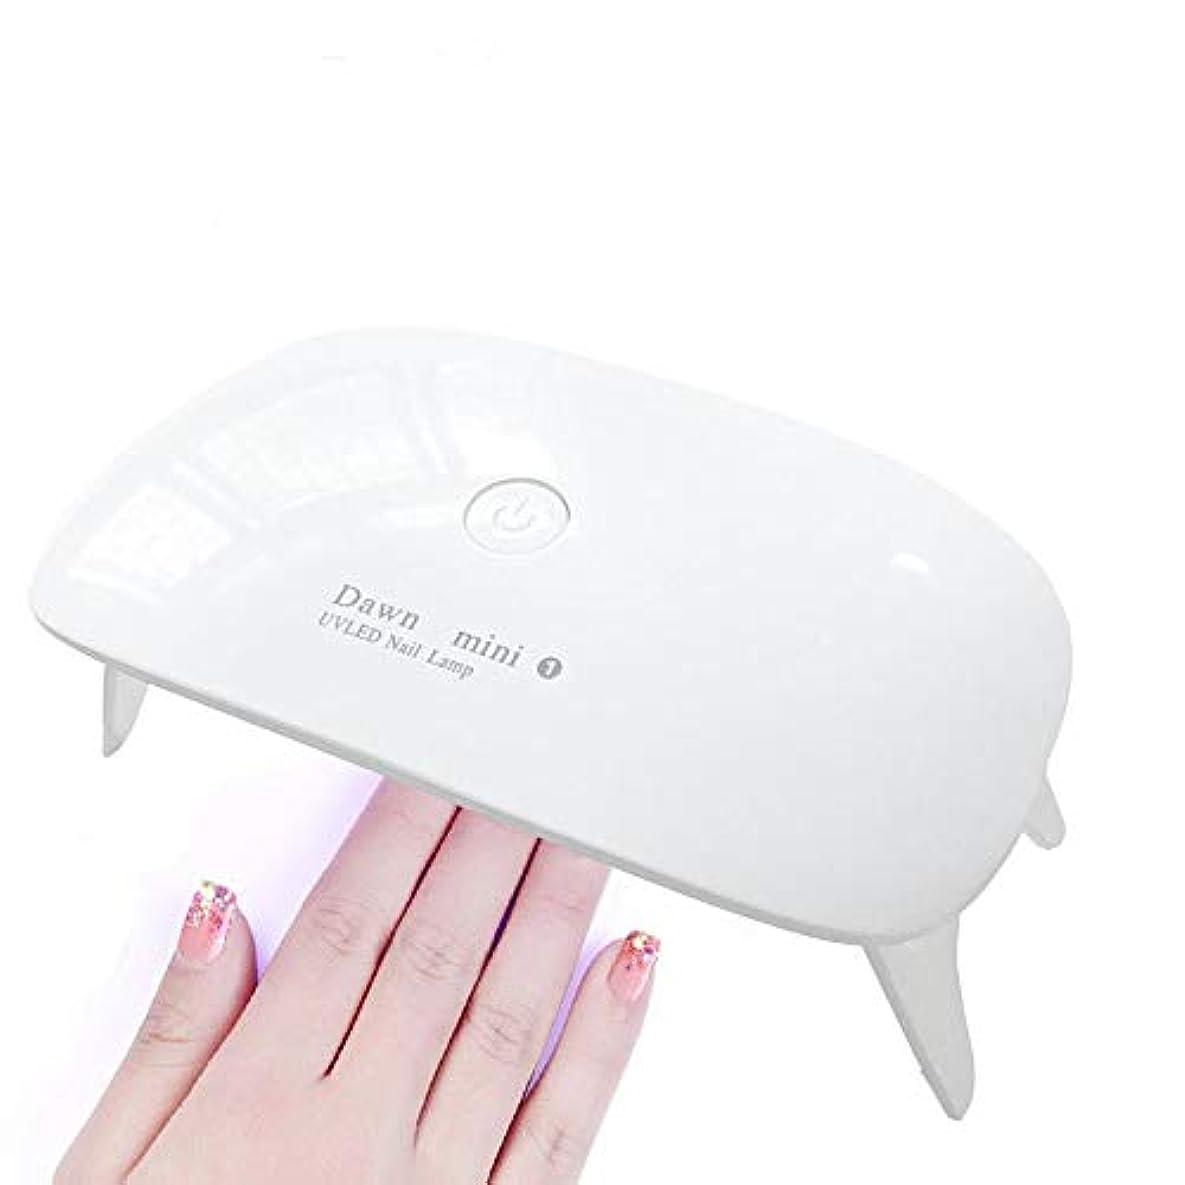 ウイルスいらいらするコンテストLEDネイルドライヤー UVライト レジン用 硬化ライト タイマー設定可能 折りたたみ式手足とも使える UV と LEDダブルライト ジェルネイル と レジンクラフト用